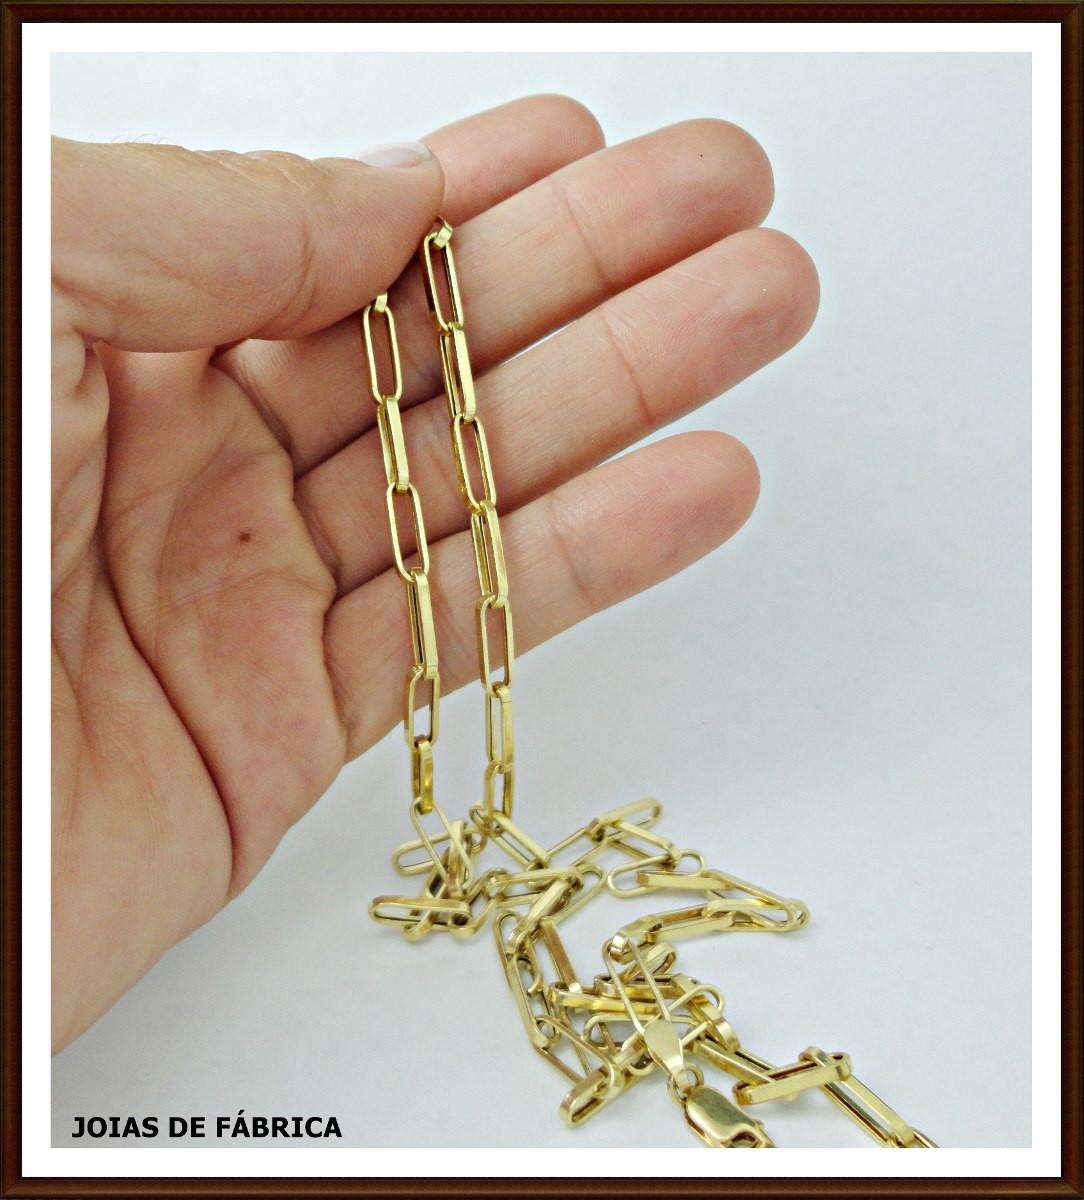 dafdc25b3ac Cordão em ouro Cartier 18k no Elo7